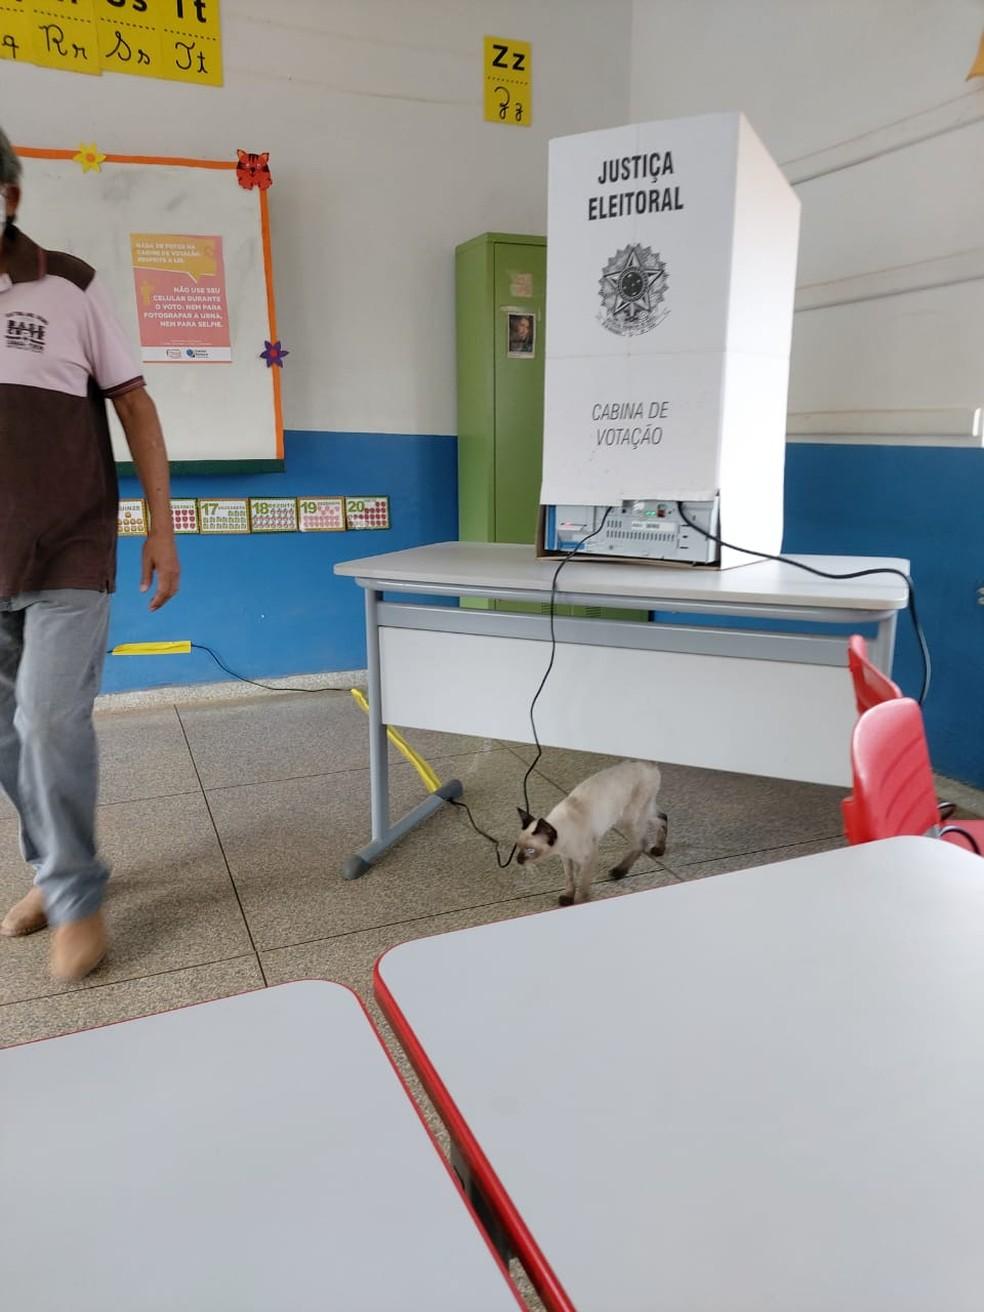 Babalu acompanhou dono na cabine de votação em escola de Porto Velho neste domingo (29).  — Foto: Mariane Rocha Moraes/Arquivo pessoal